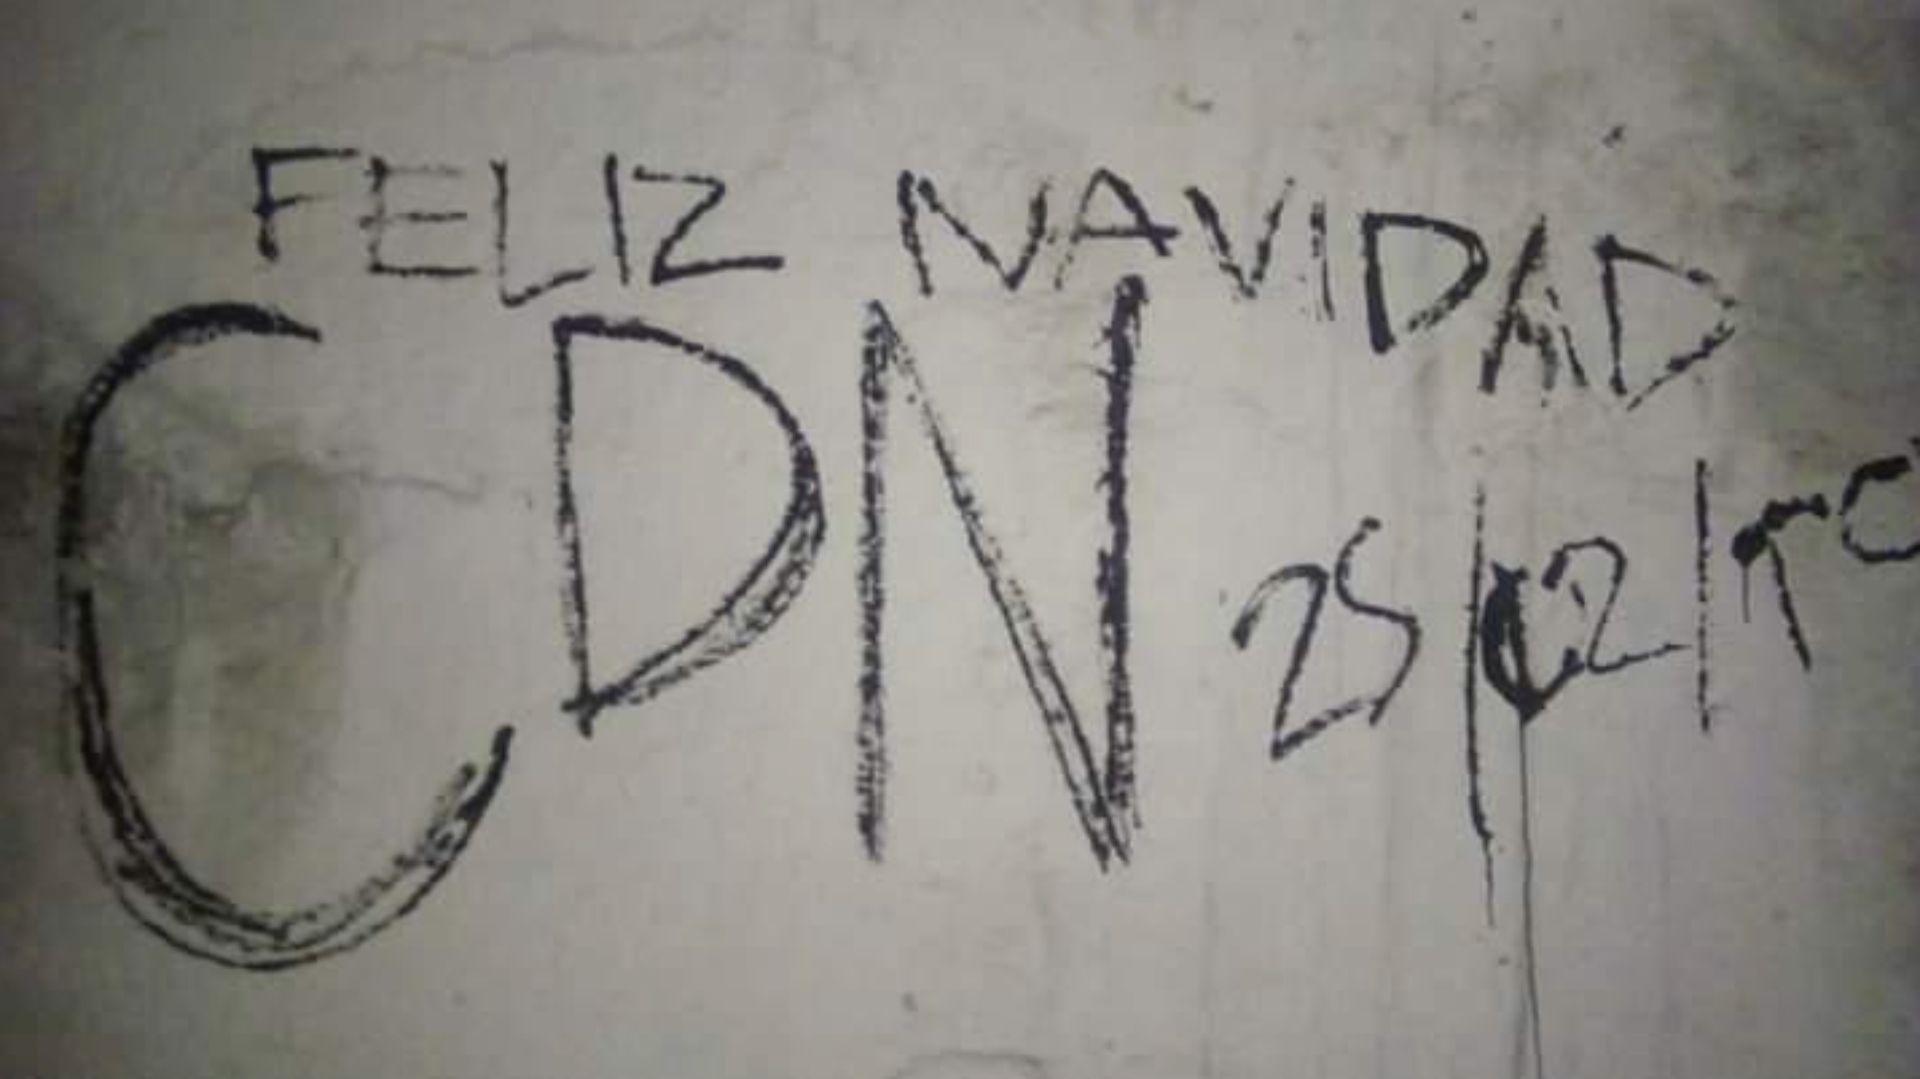 En 2005-2011, Coahuila se convirtió en uno de los puntos más salvajes de la eclosión criminal